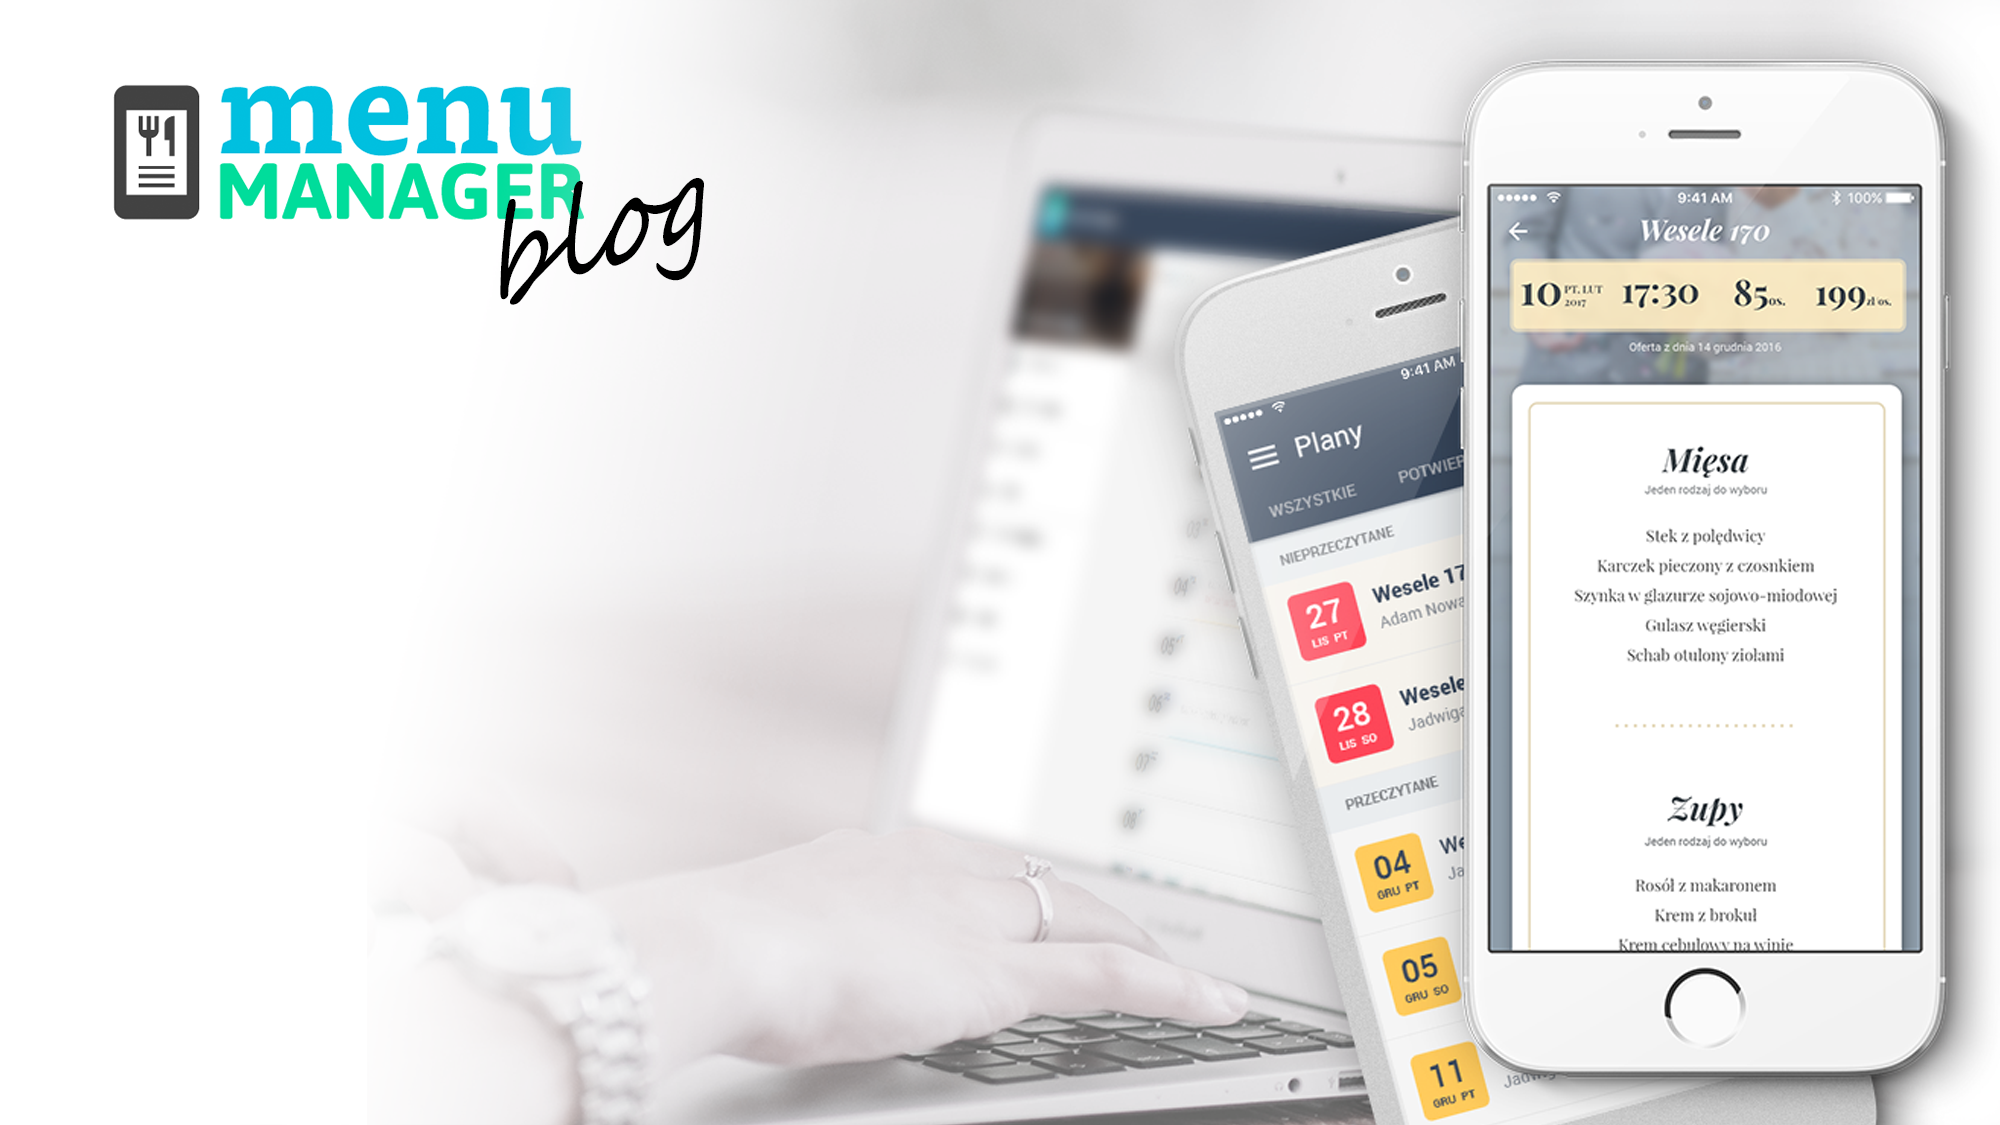 Szybko zaplanujesz i udostępnisz menu online